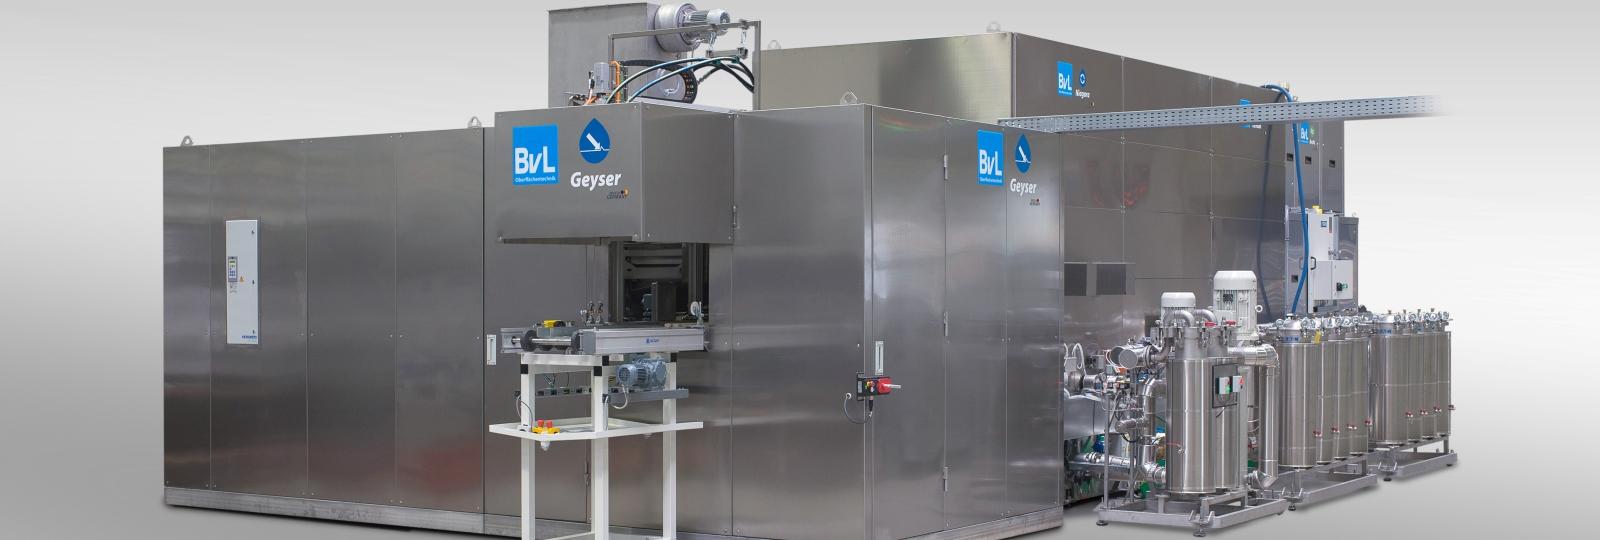 Die Reinigungsanlage Geyser von BvL nutzt die Robotertechnik und ein Hochdruckverfahren zum Reinigen, Entgraten und Entlacken.